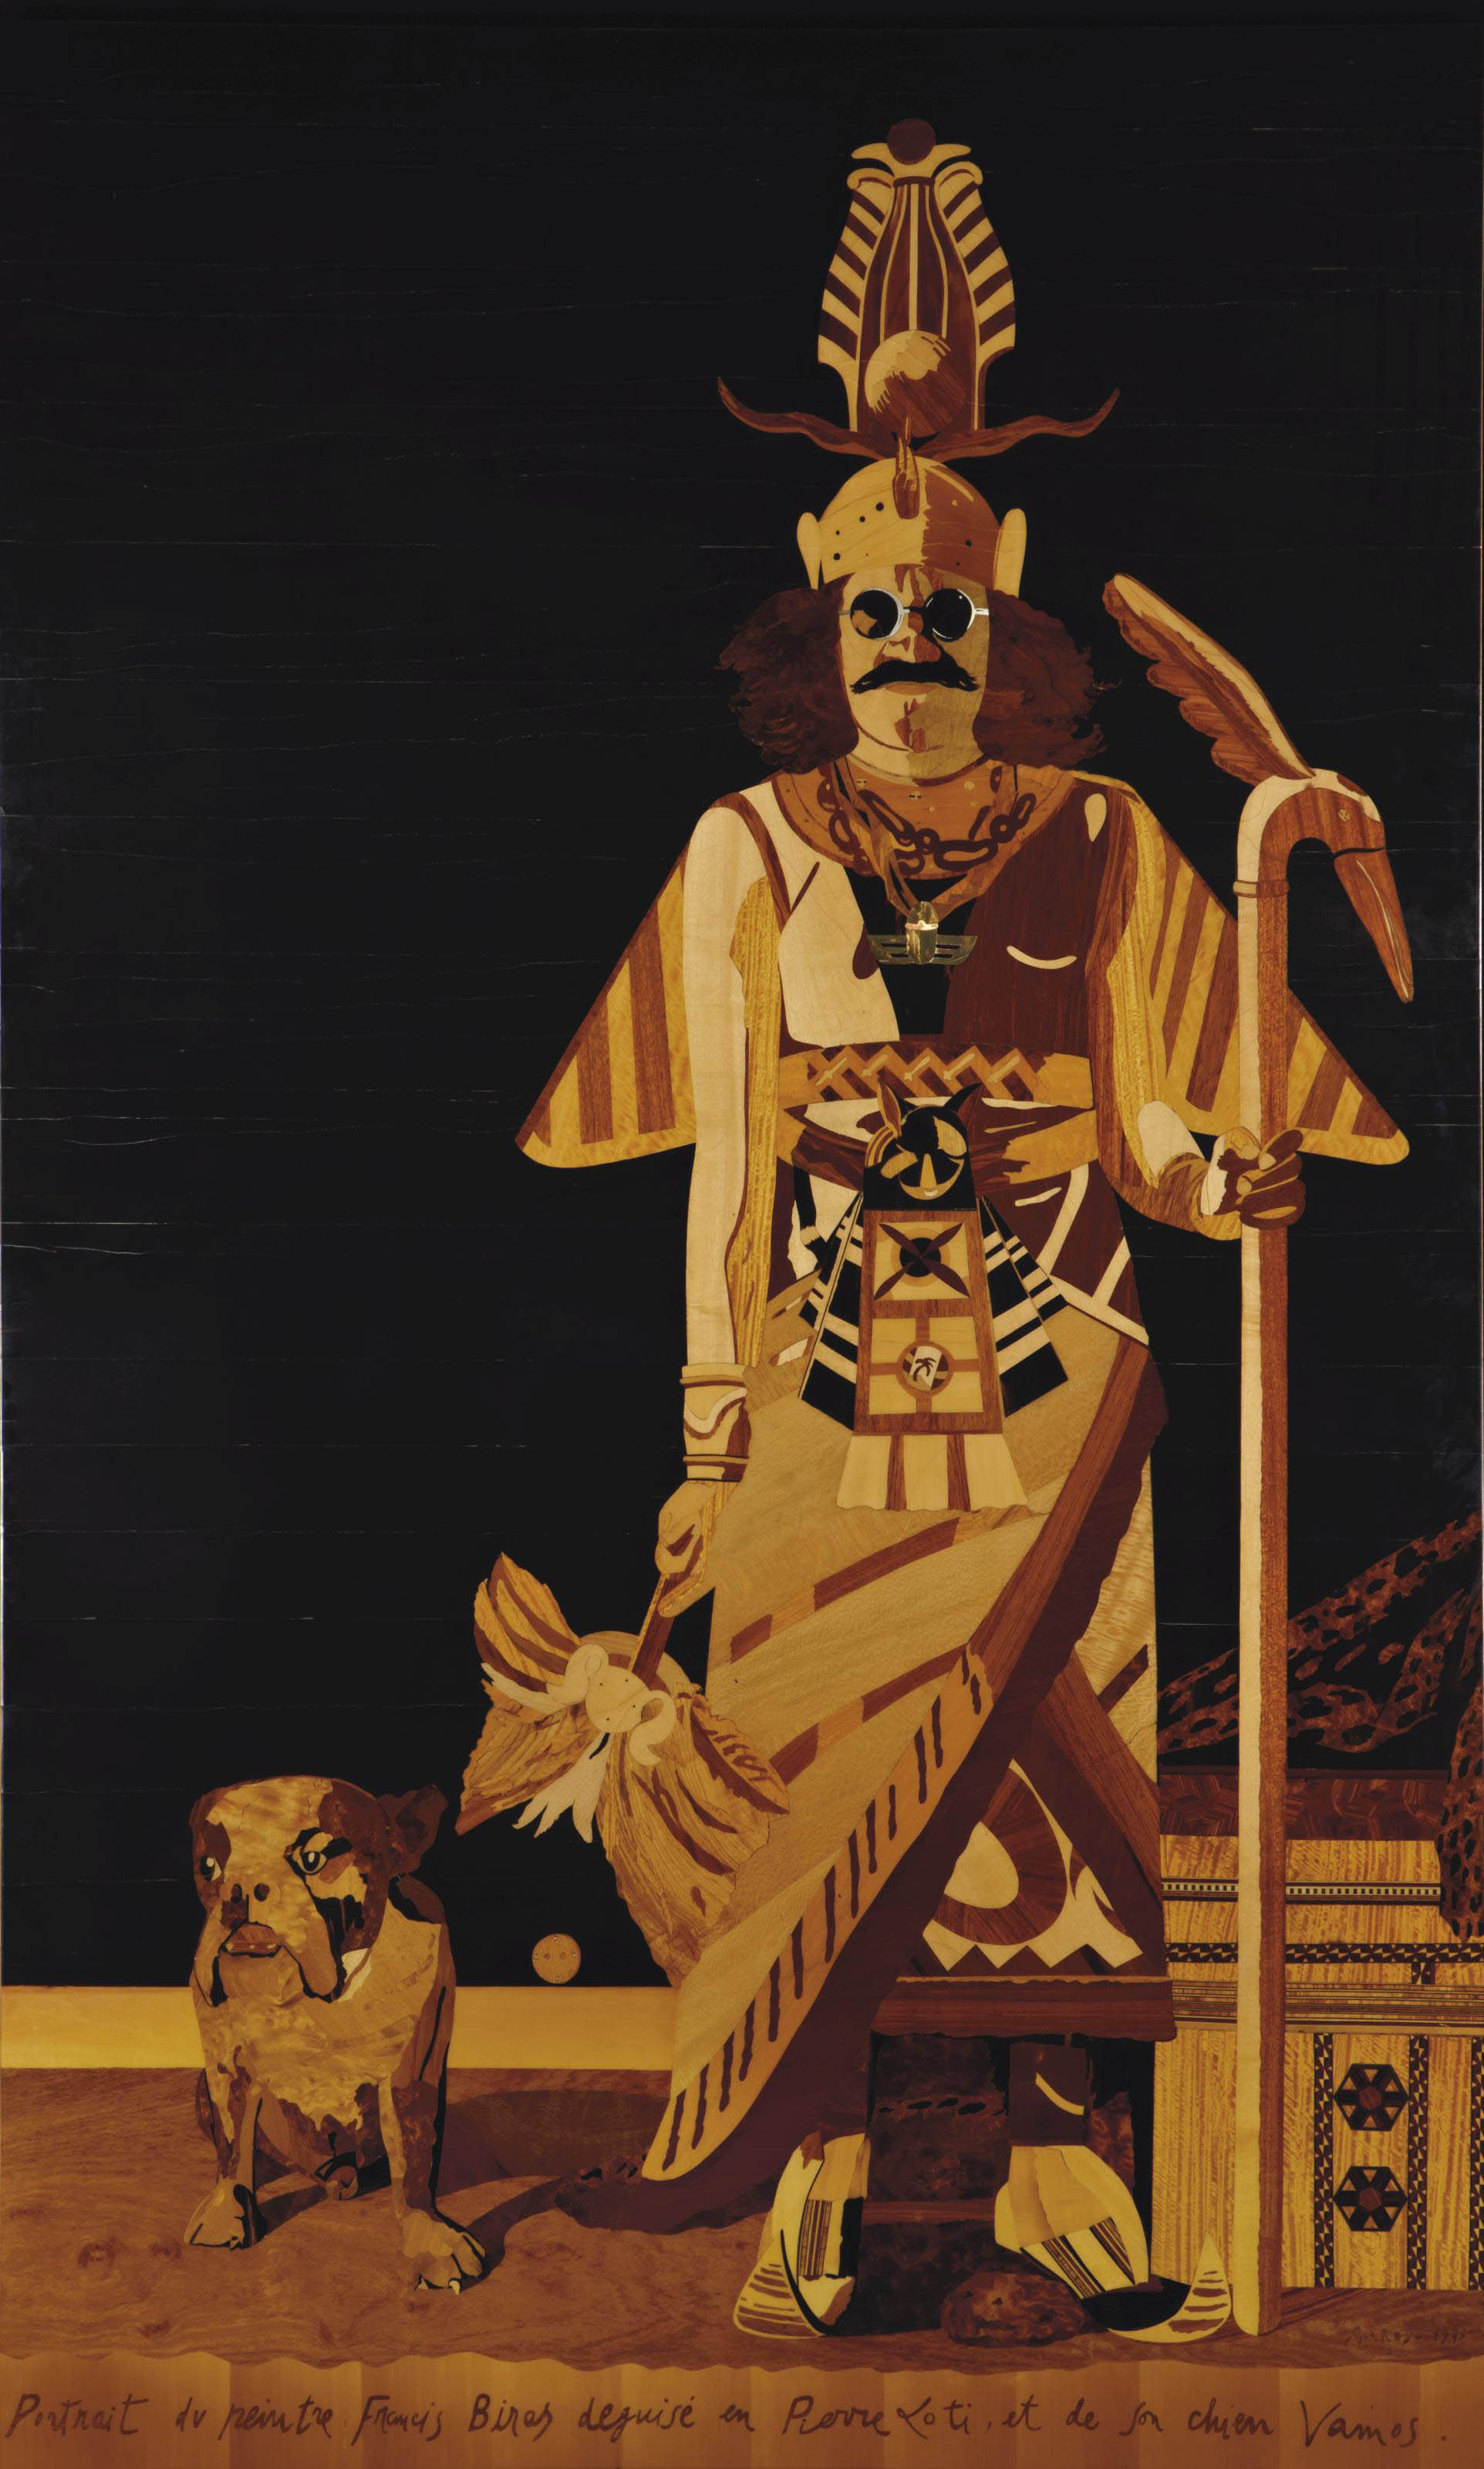 Portrait du peintre Francis Biras déguisé en Pierre Loti et de son chien Vamos